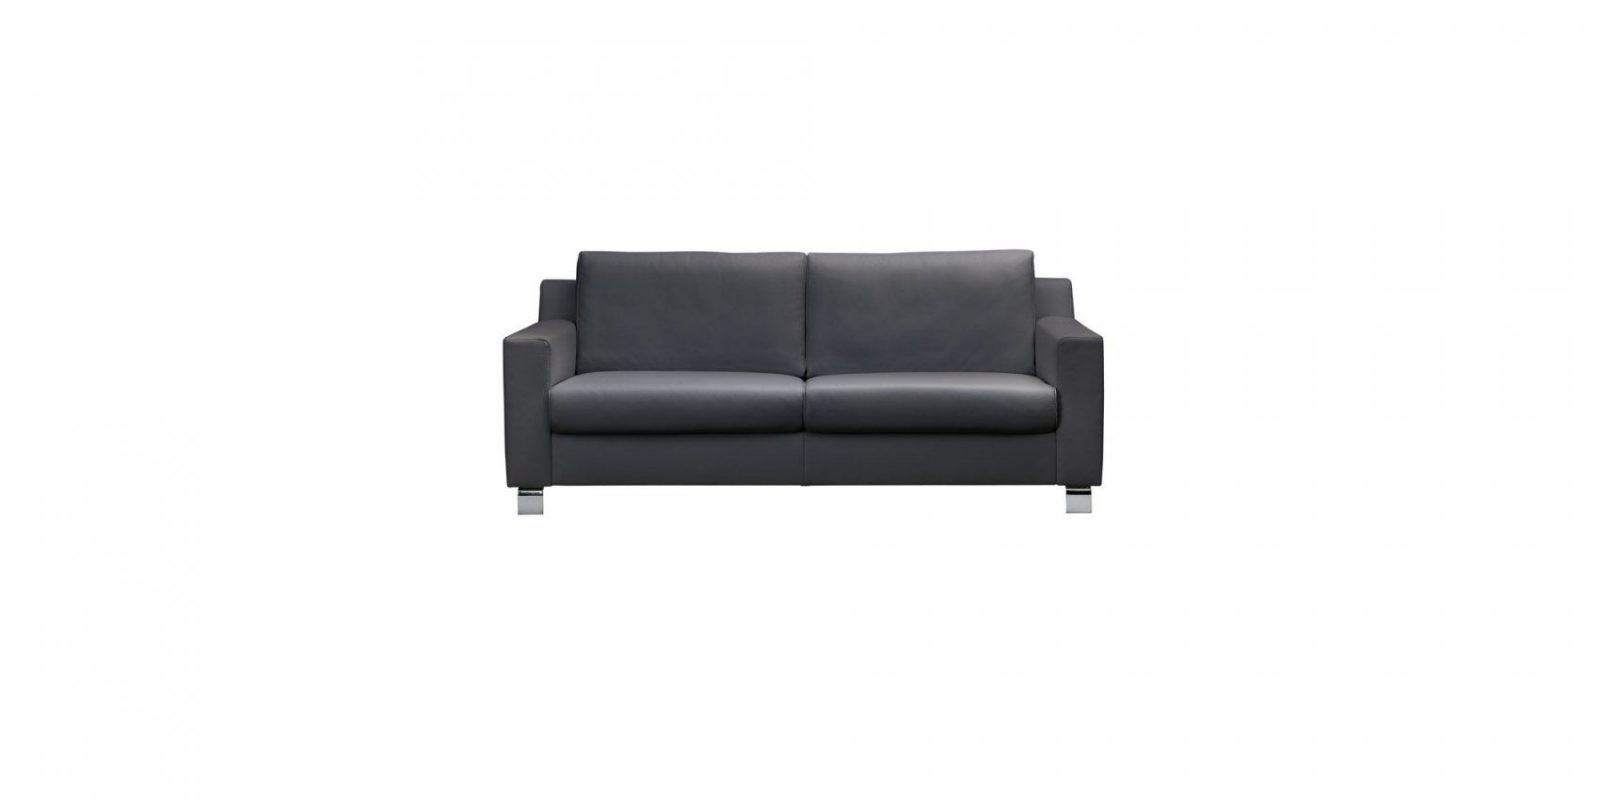 New Sofa Flexplus Individual Modular System Ewald Schillig Brand von Flex Plus Ewald Schillig Photo